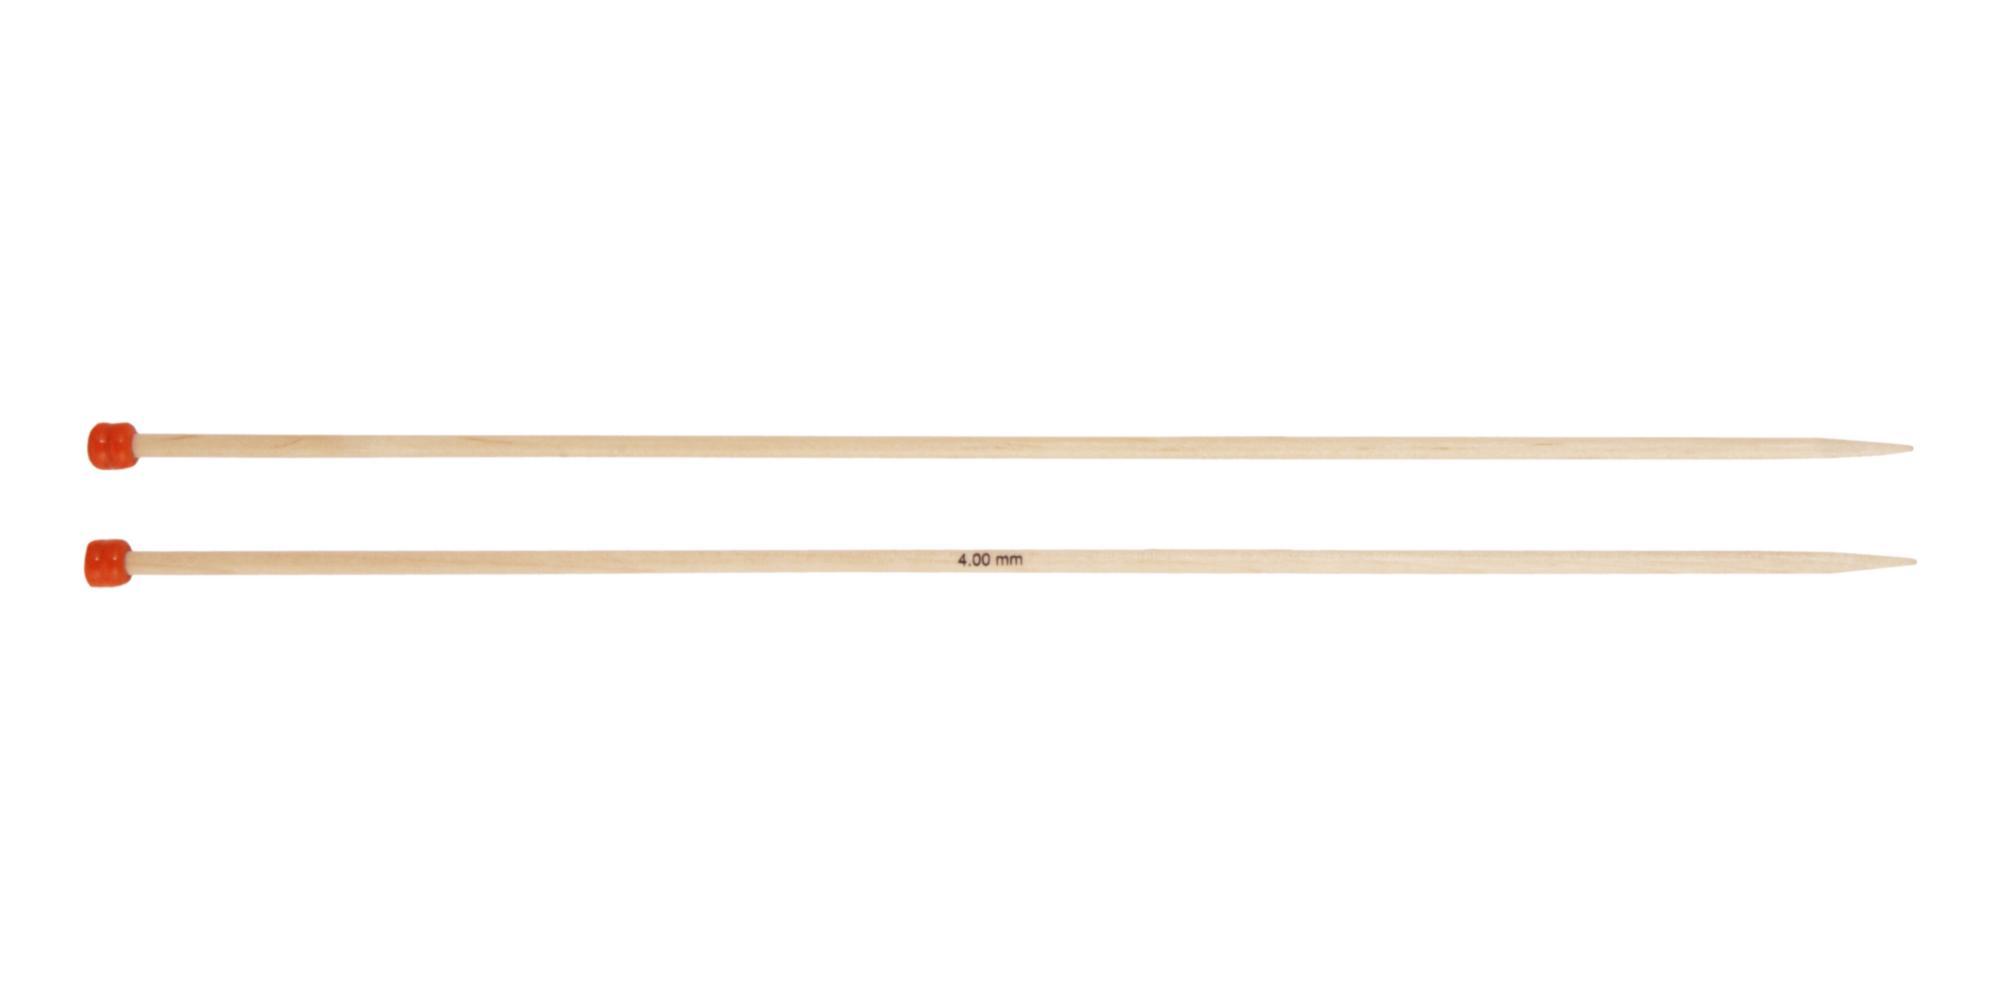 Спицы прямые 35 см Basix Birch Wood KnitPro, 35446, 5.00 мм